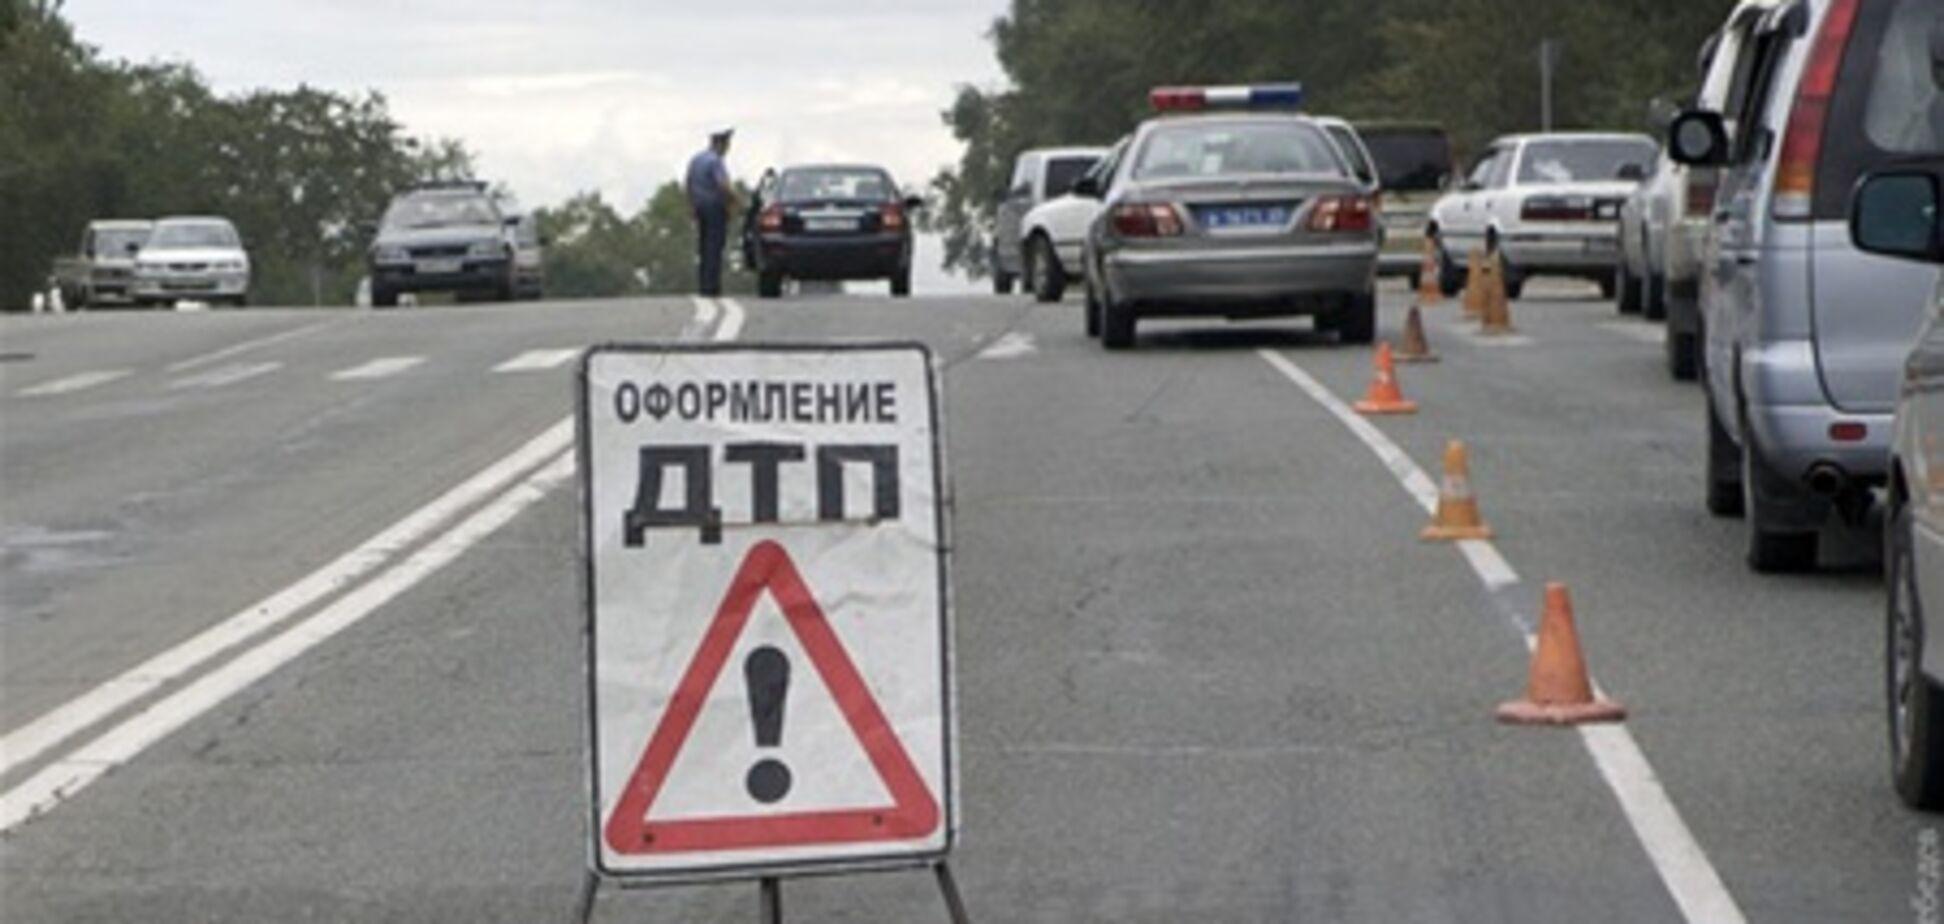 Восемь украинцев погибли в результате ДТП под Москвой